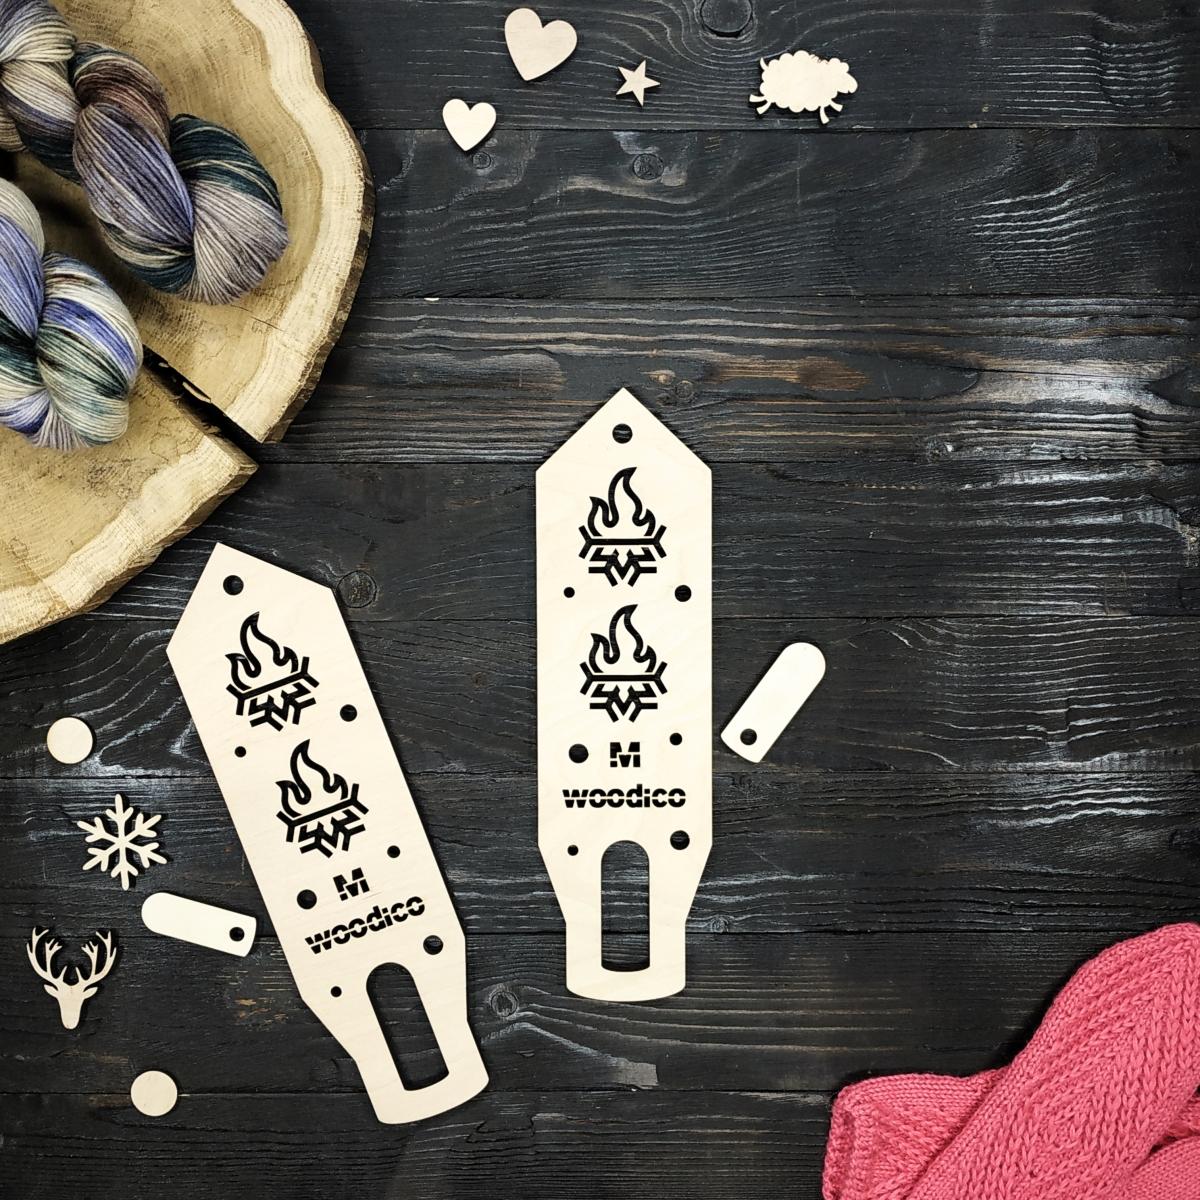 woodico.pro wooden mitten blockers nordic hot cold 1 1200x1200 - Wooden mitten blockers / Nordic Hot&Cold